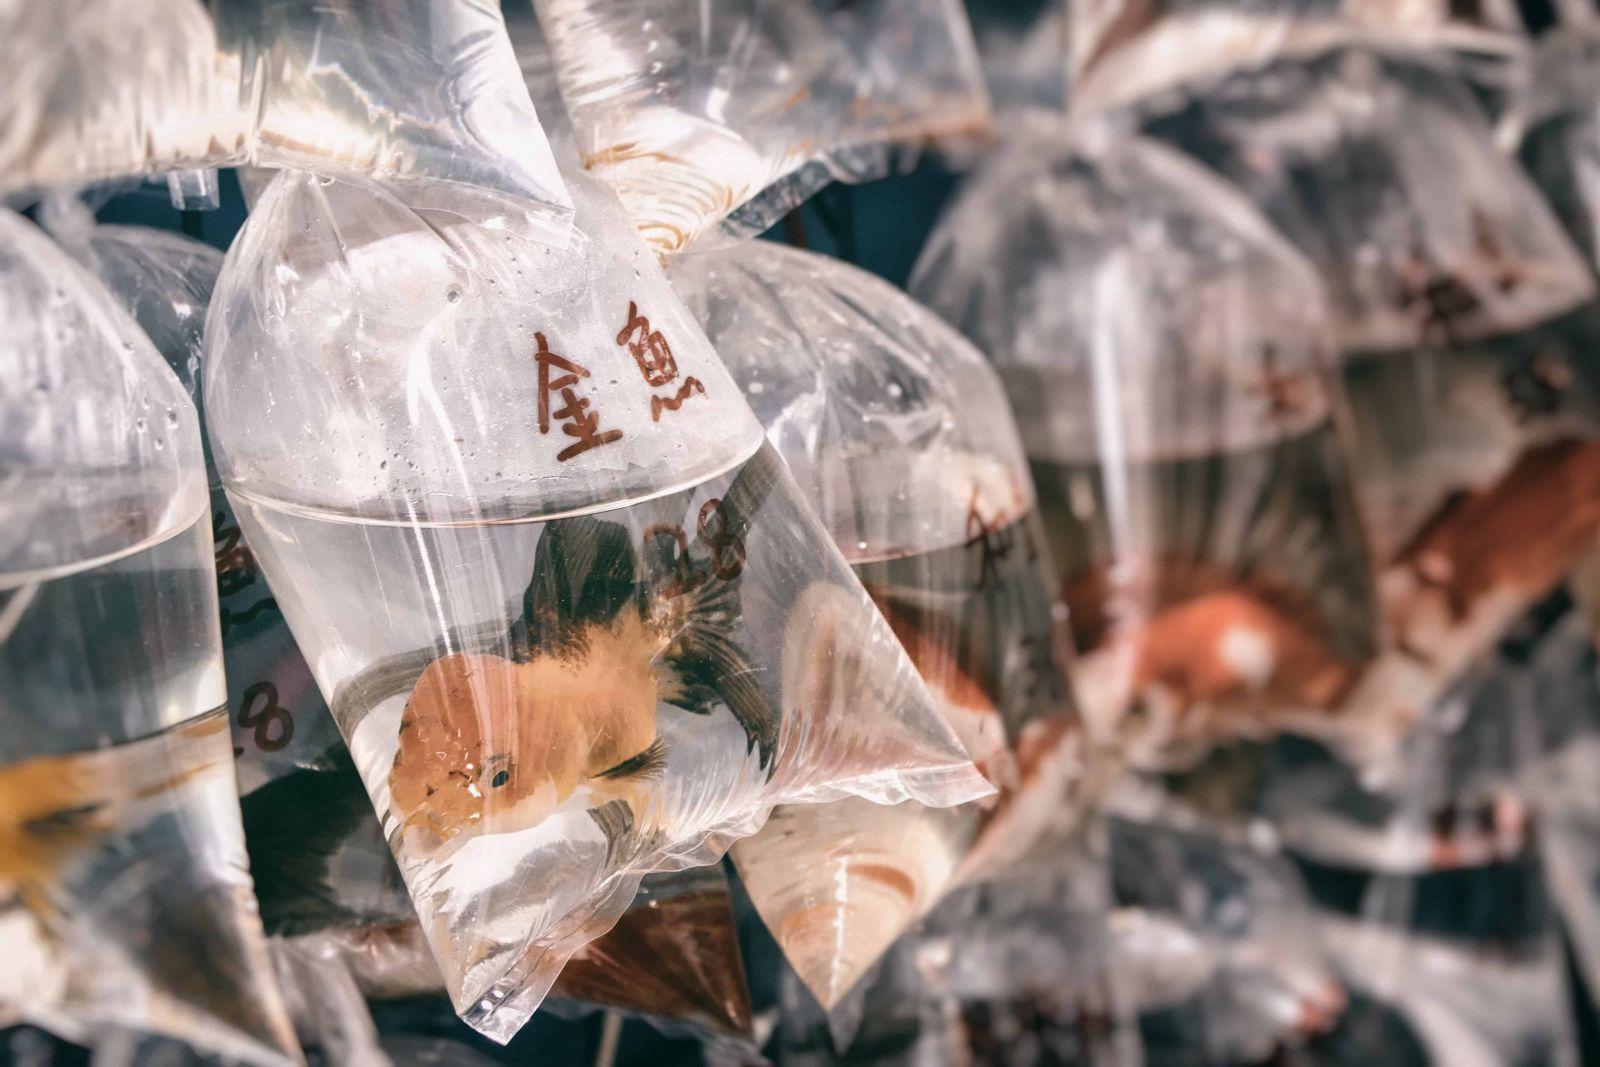 bao bì nhựa được dùng để đựng gần như tất cả mọi thứ